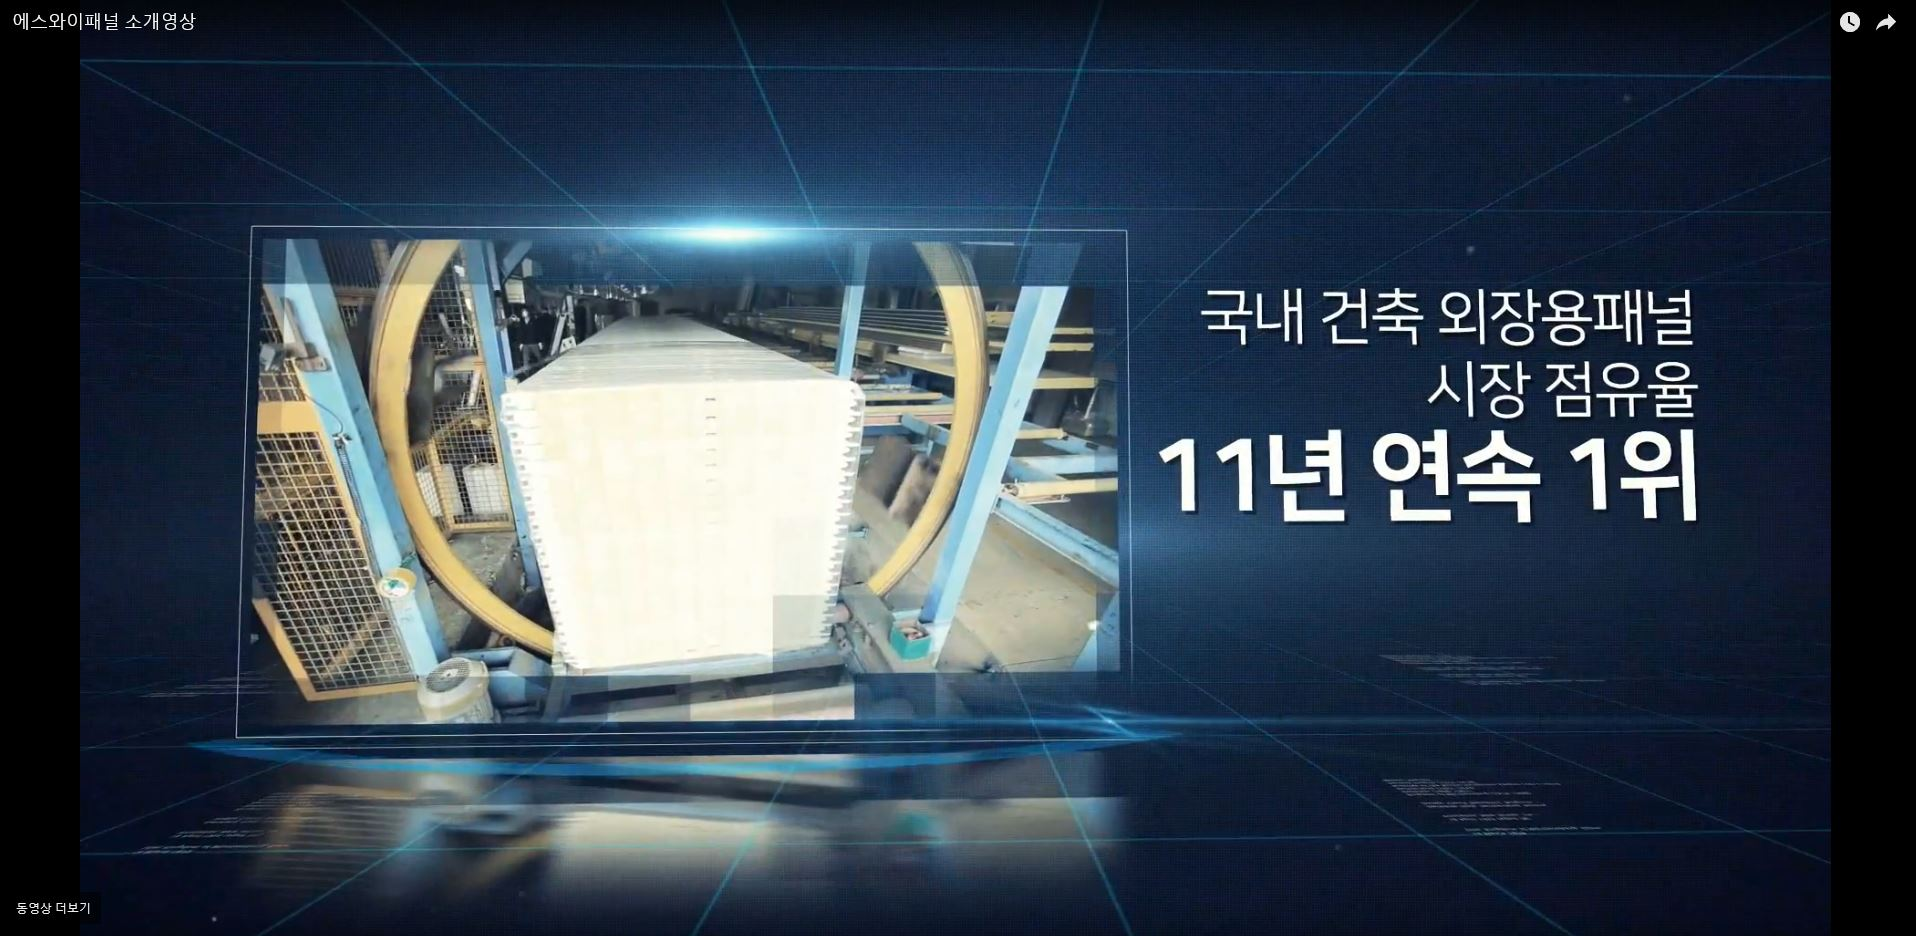 2017 에스와이그룹 소개영상(국문)